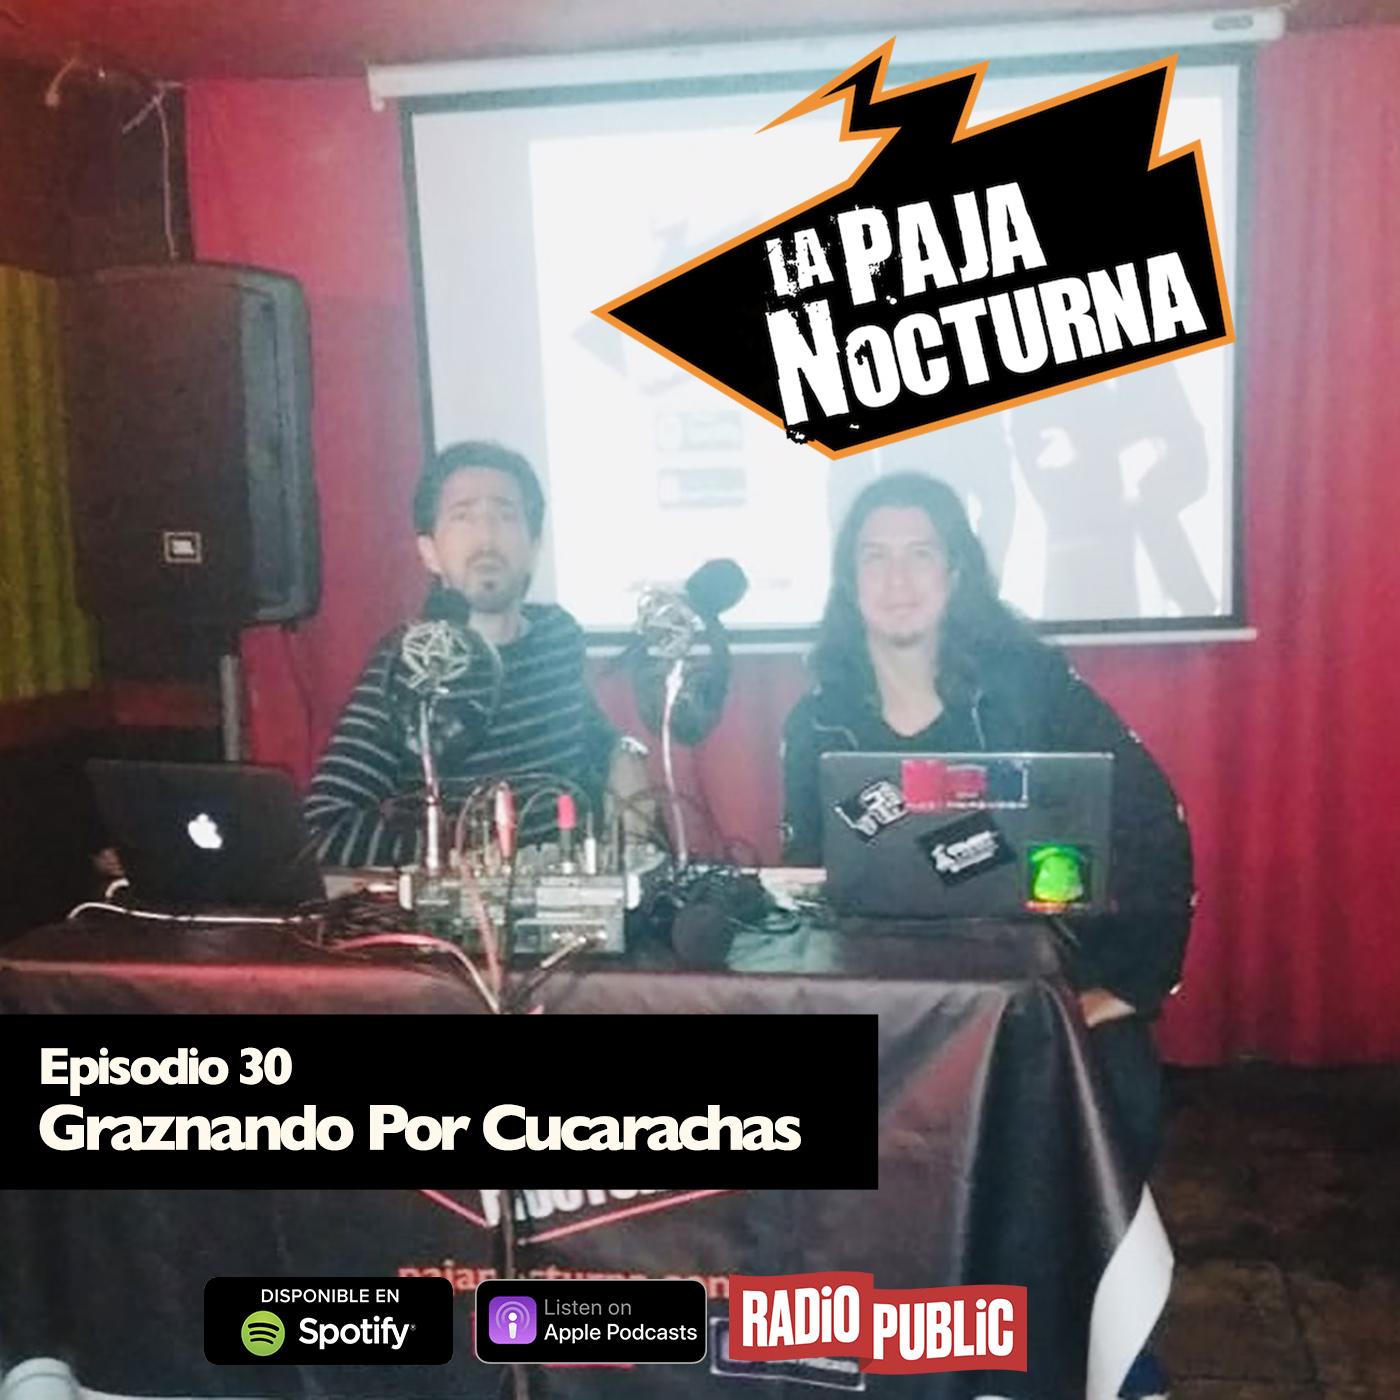 La Paja Nocturna Podcast Episodio 30